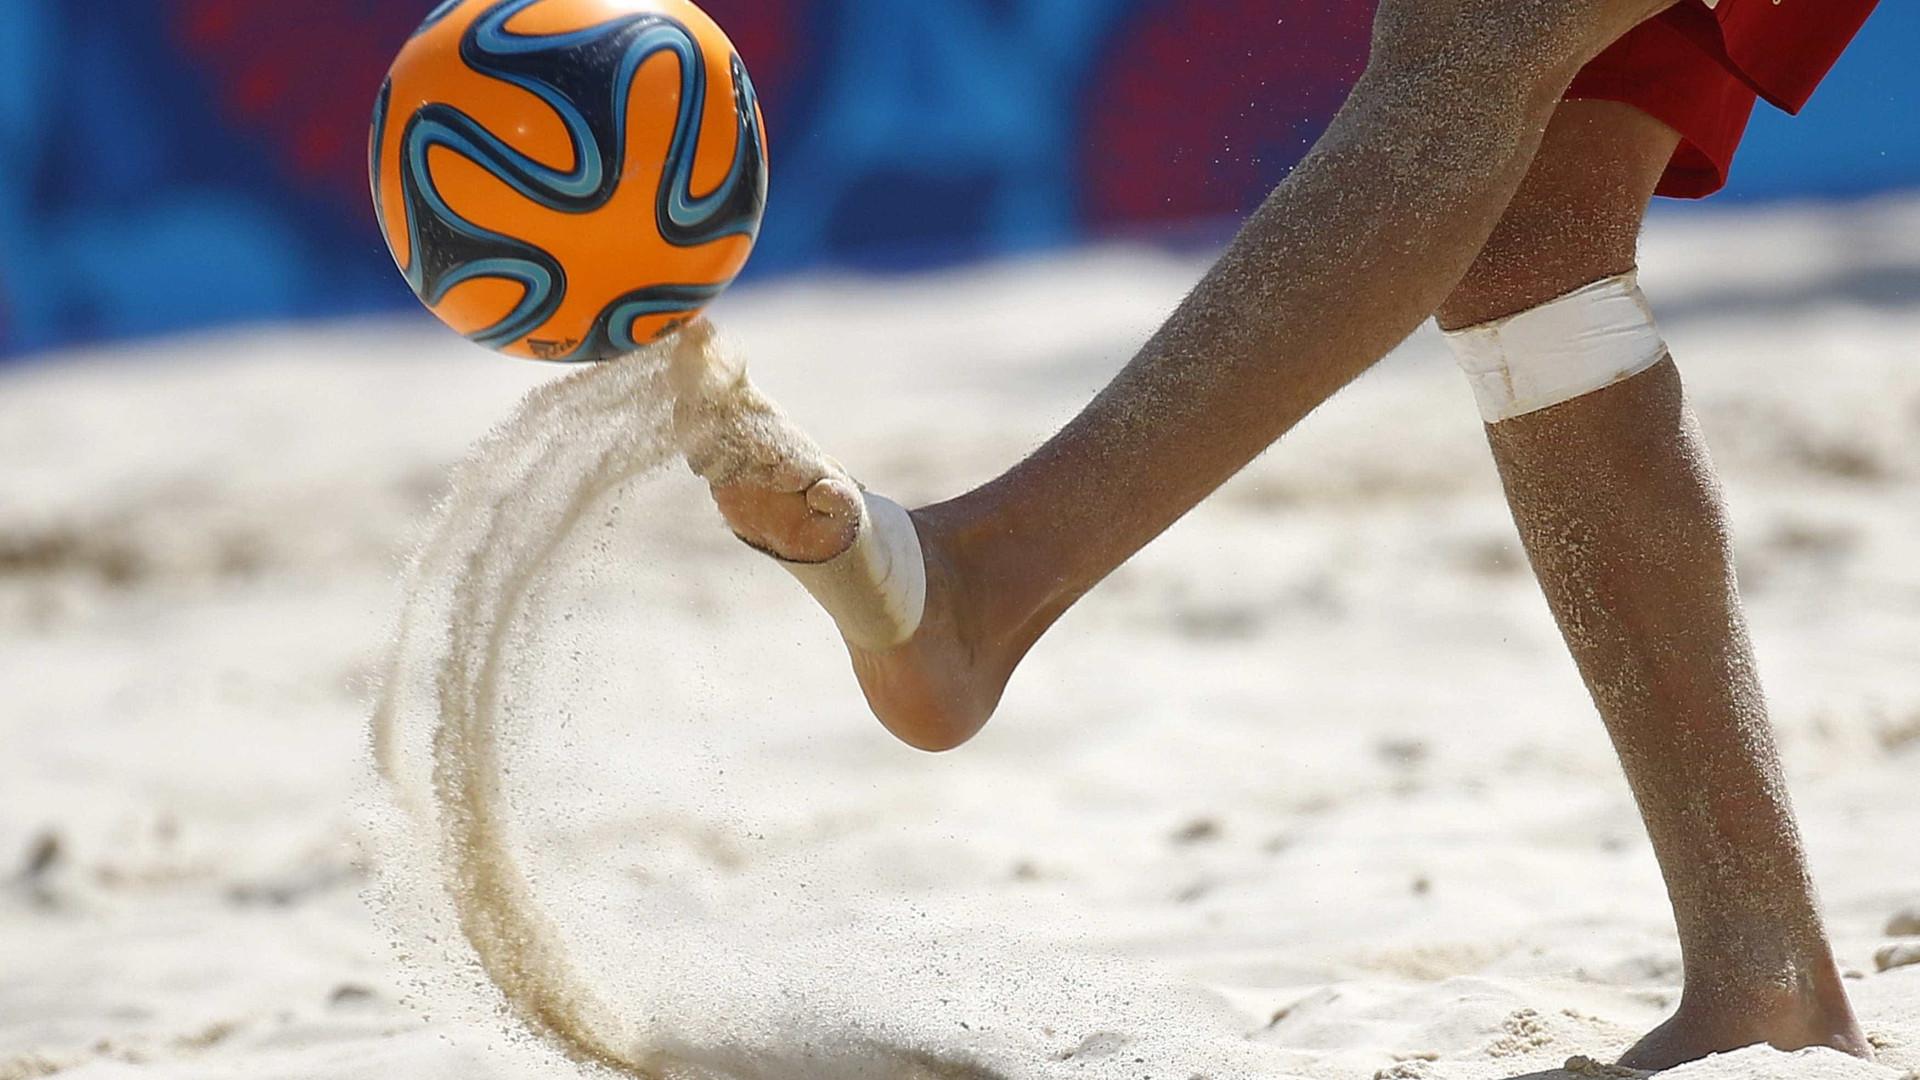 Portugal derrotado na Superfinal da Liga Europeia de futebol de praia